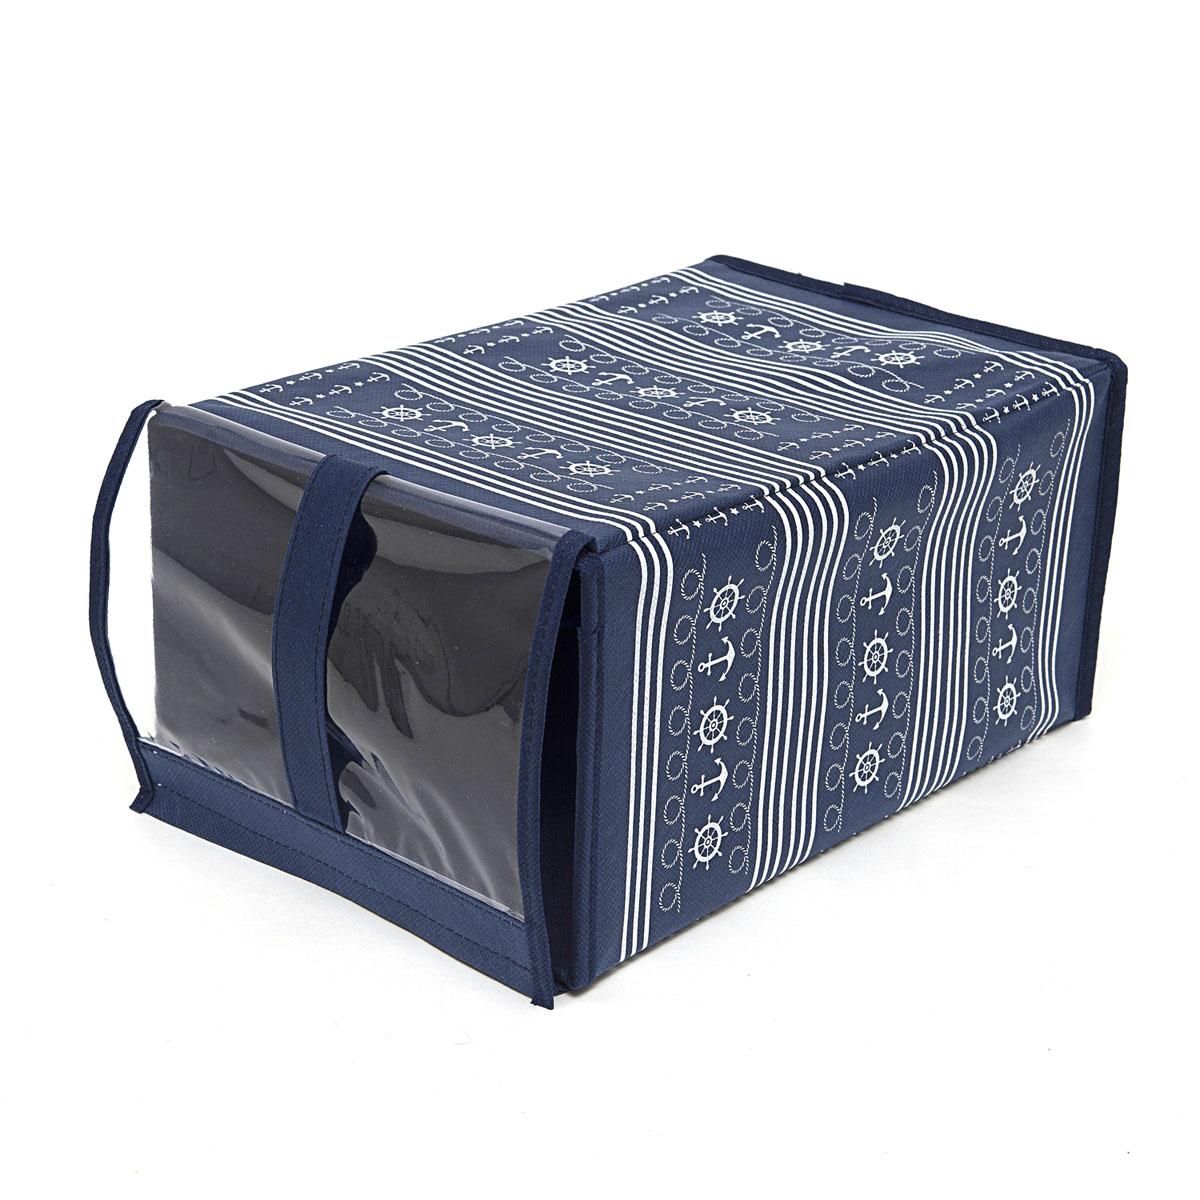 Кофр для хранения обуви Homsu Ocean, 33 х 16 х 22 смHOM-225Кофр Homsu Ocean изготовлен из высококачественного нетканого материала с фирменным орнаментом, который позволяет сохранять естественную вентиляцию, а воздуху свободно проникать внутрь, не пропуская пыль. Благодаря специальной картонной вставке, кофр прекрасно держит форму, а эстетичный дизайн гармонично смотрится в любом интерьере. Изделие идеально подходит для хранения обуви. Мобильность конструкции обеспечивает складывание и раскладывание одним движением. Кофр Homsu Ocean - это новый взгляд на систему хранения - теперь хранить вещи не только удобно, но и красиво. Прозрачная вставкаиз ПВХ позволяет видеть содержимое.Размер кофра: 33 х 16 х 22 см.